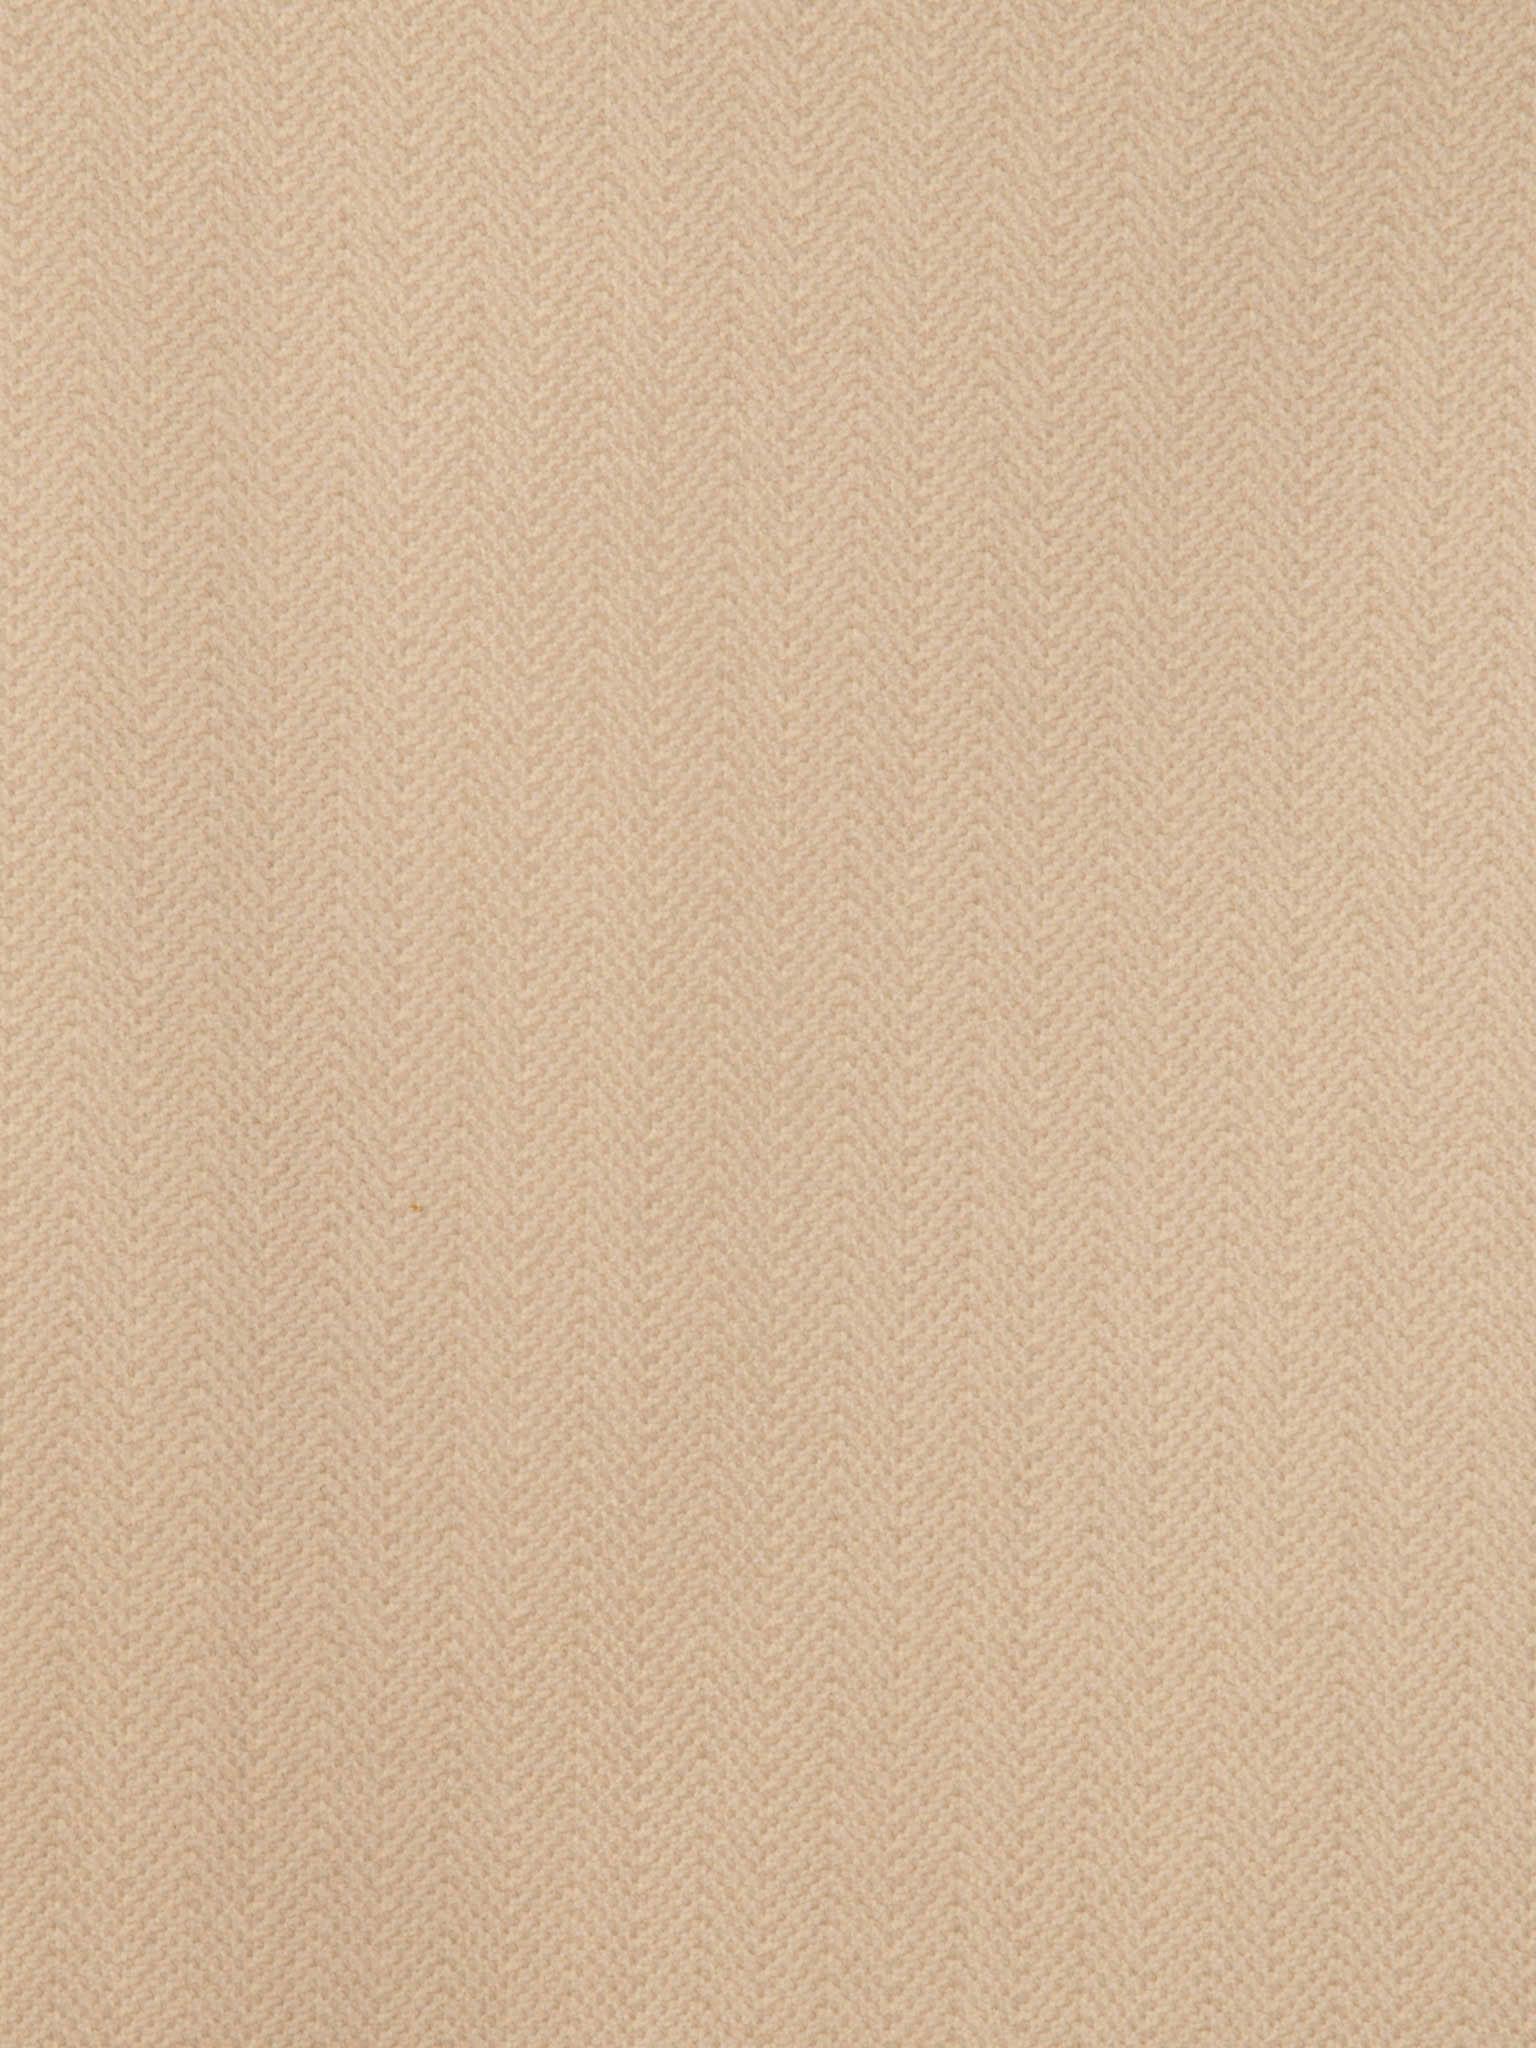 Savile Row Windsor Tweed DE12099